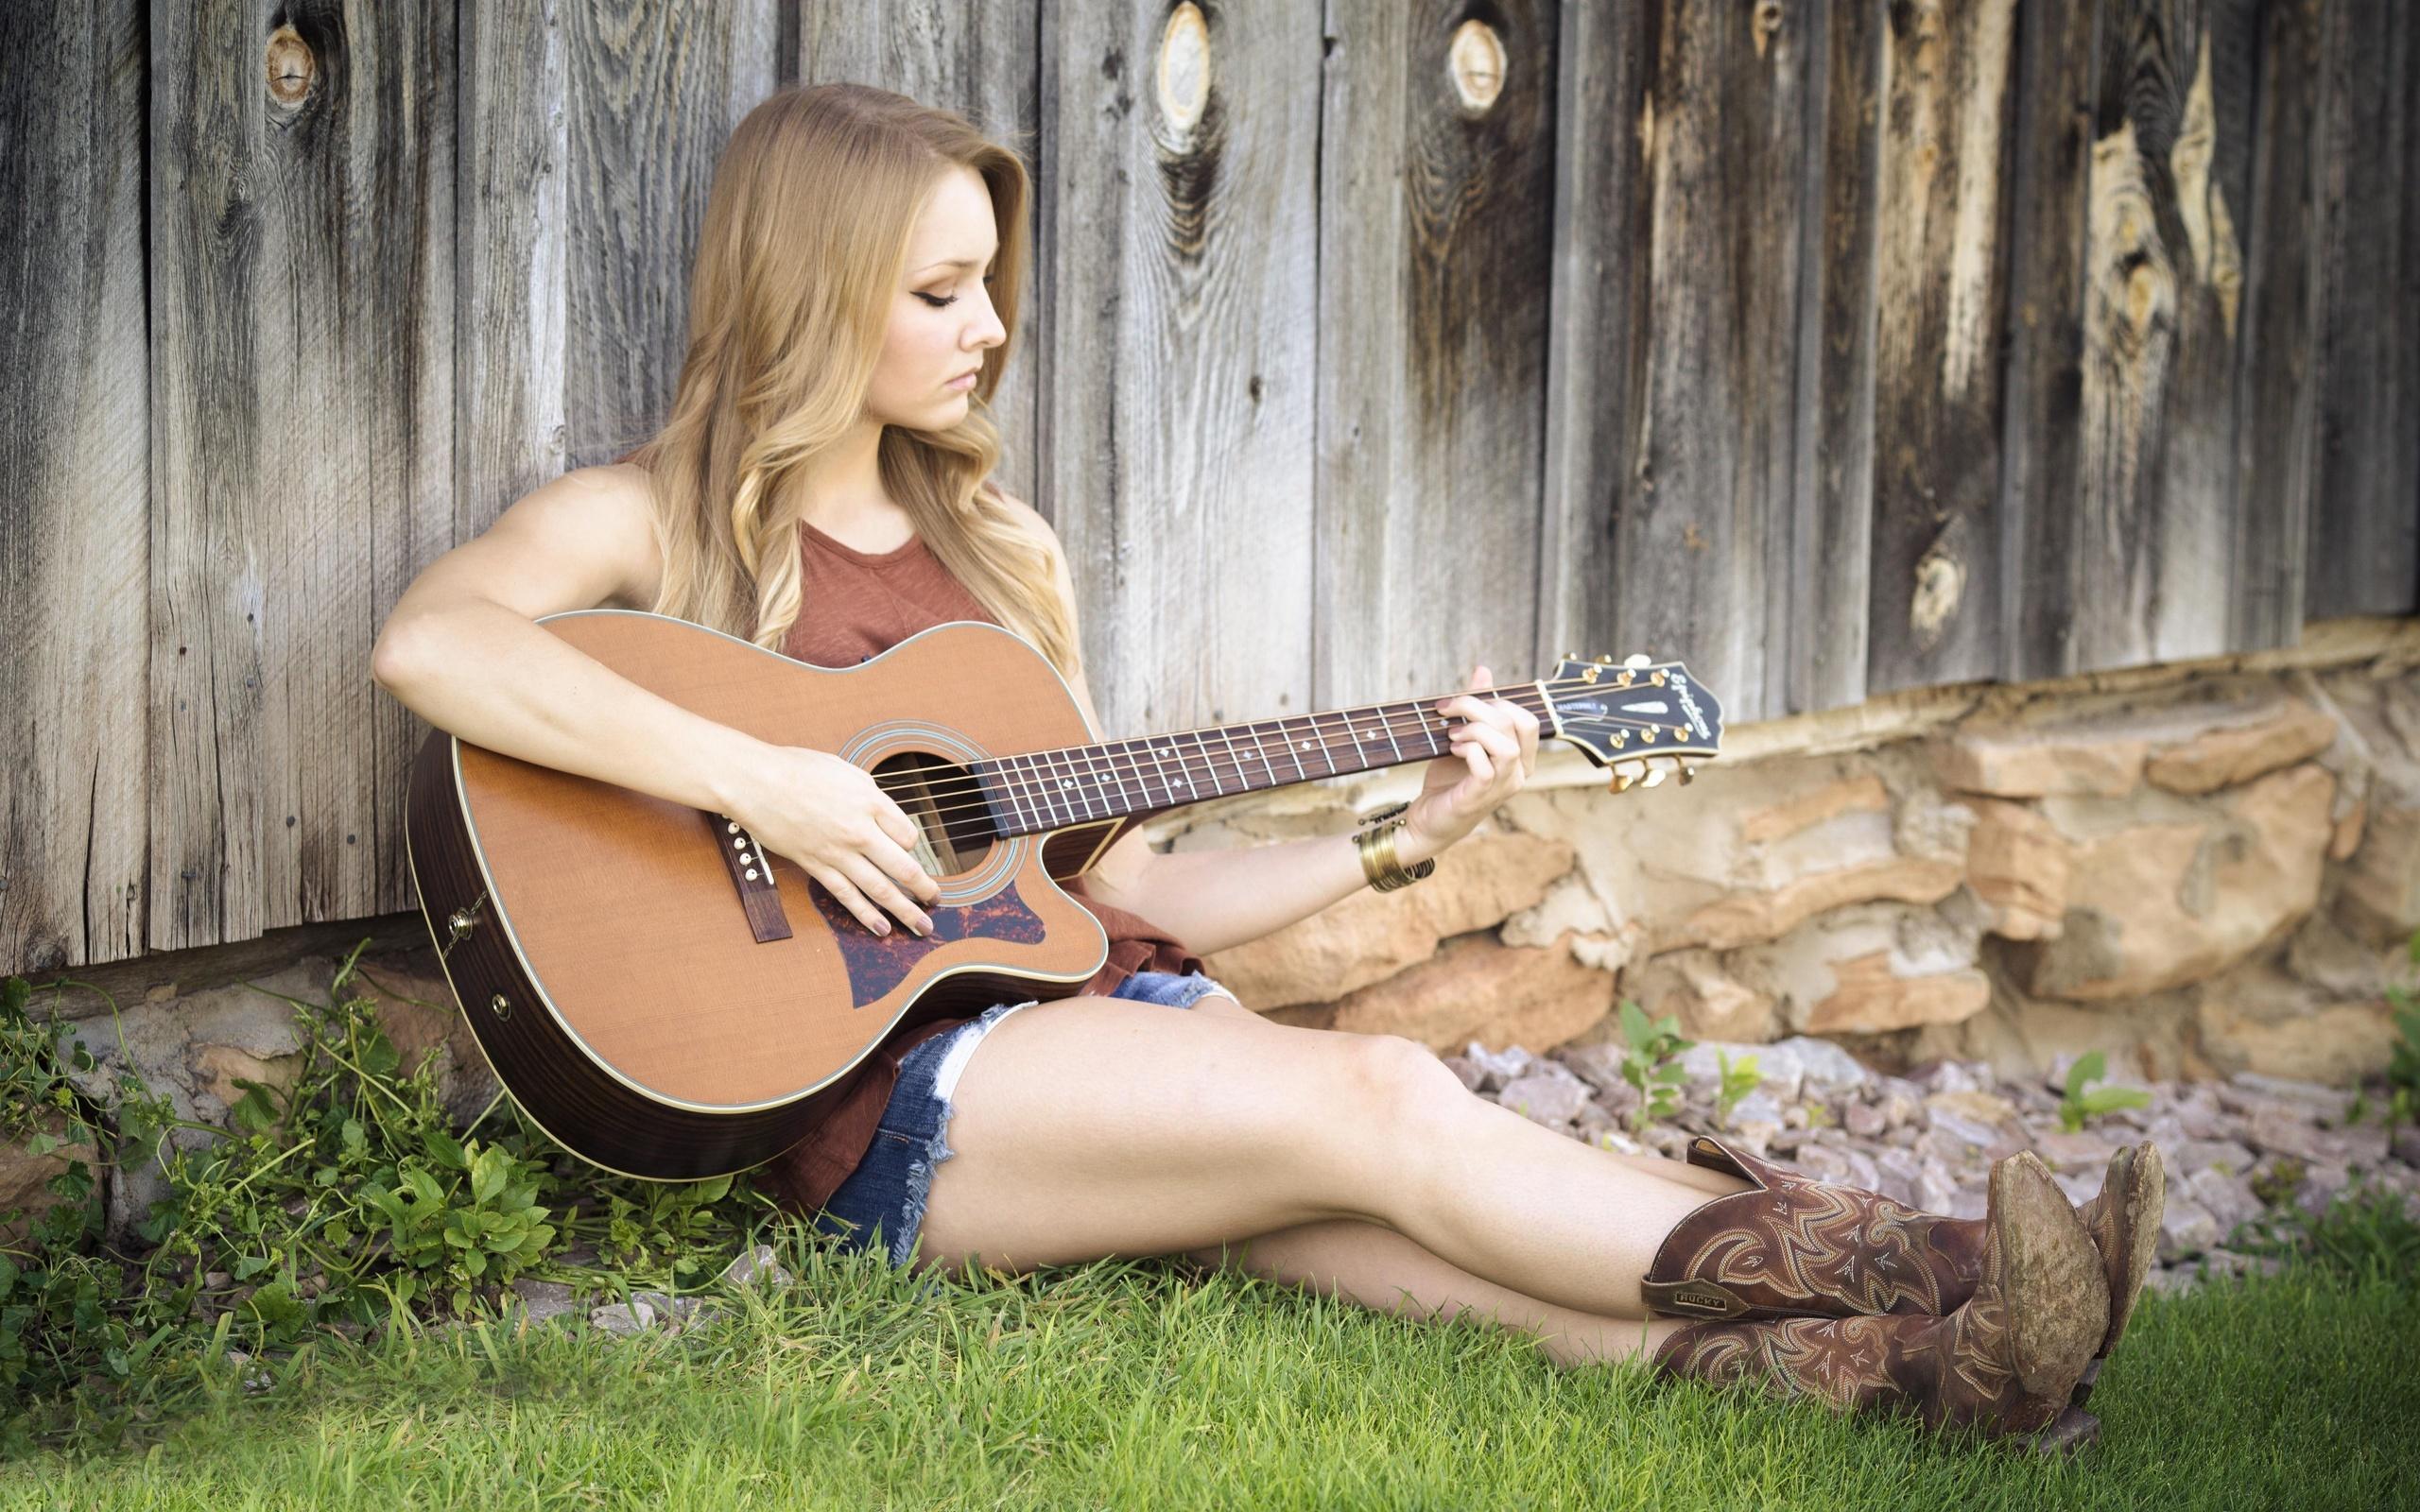 Country music girls hot legs — img 3